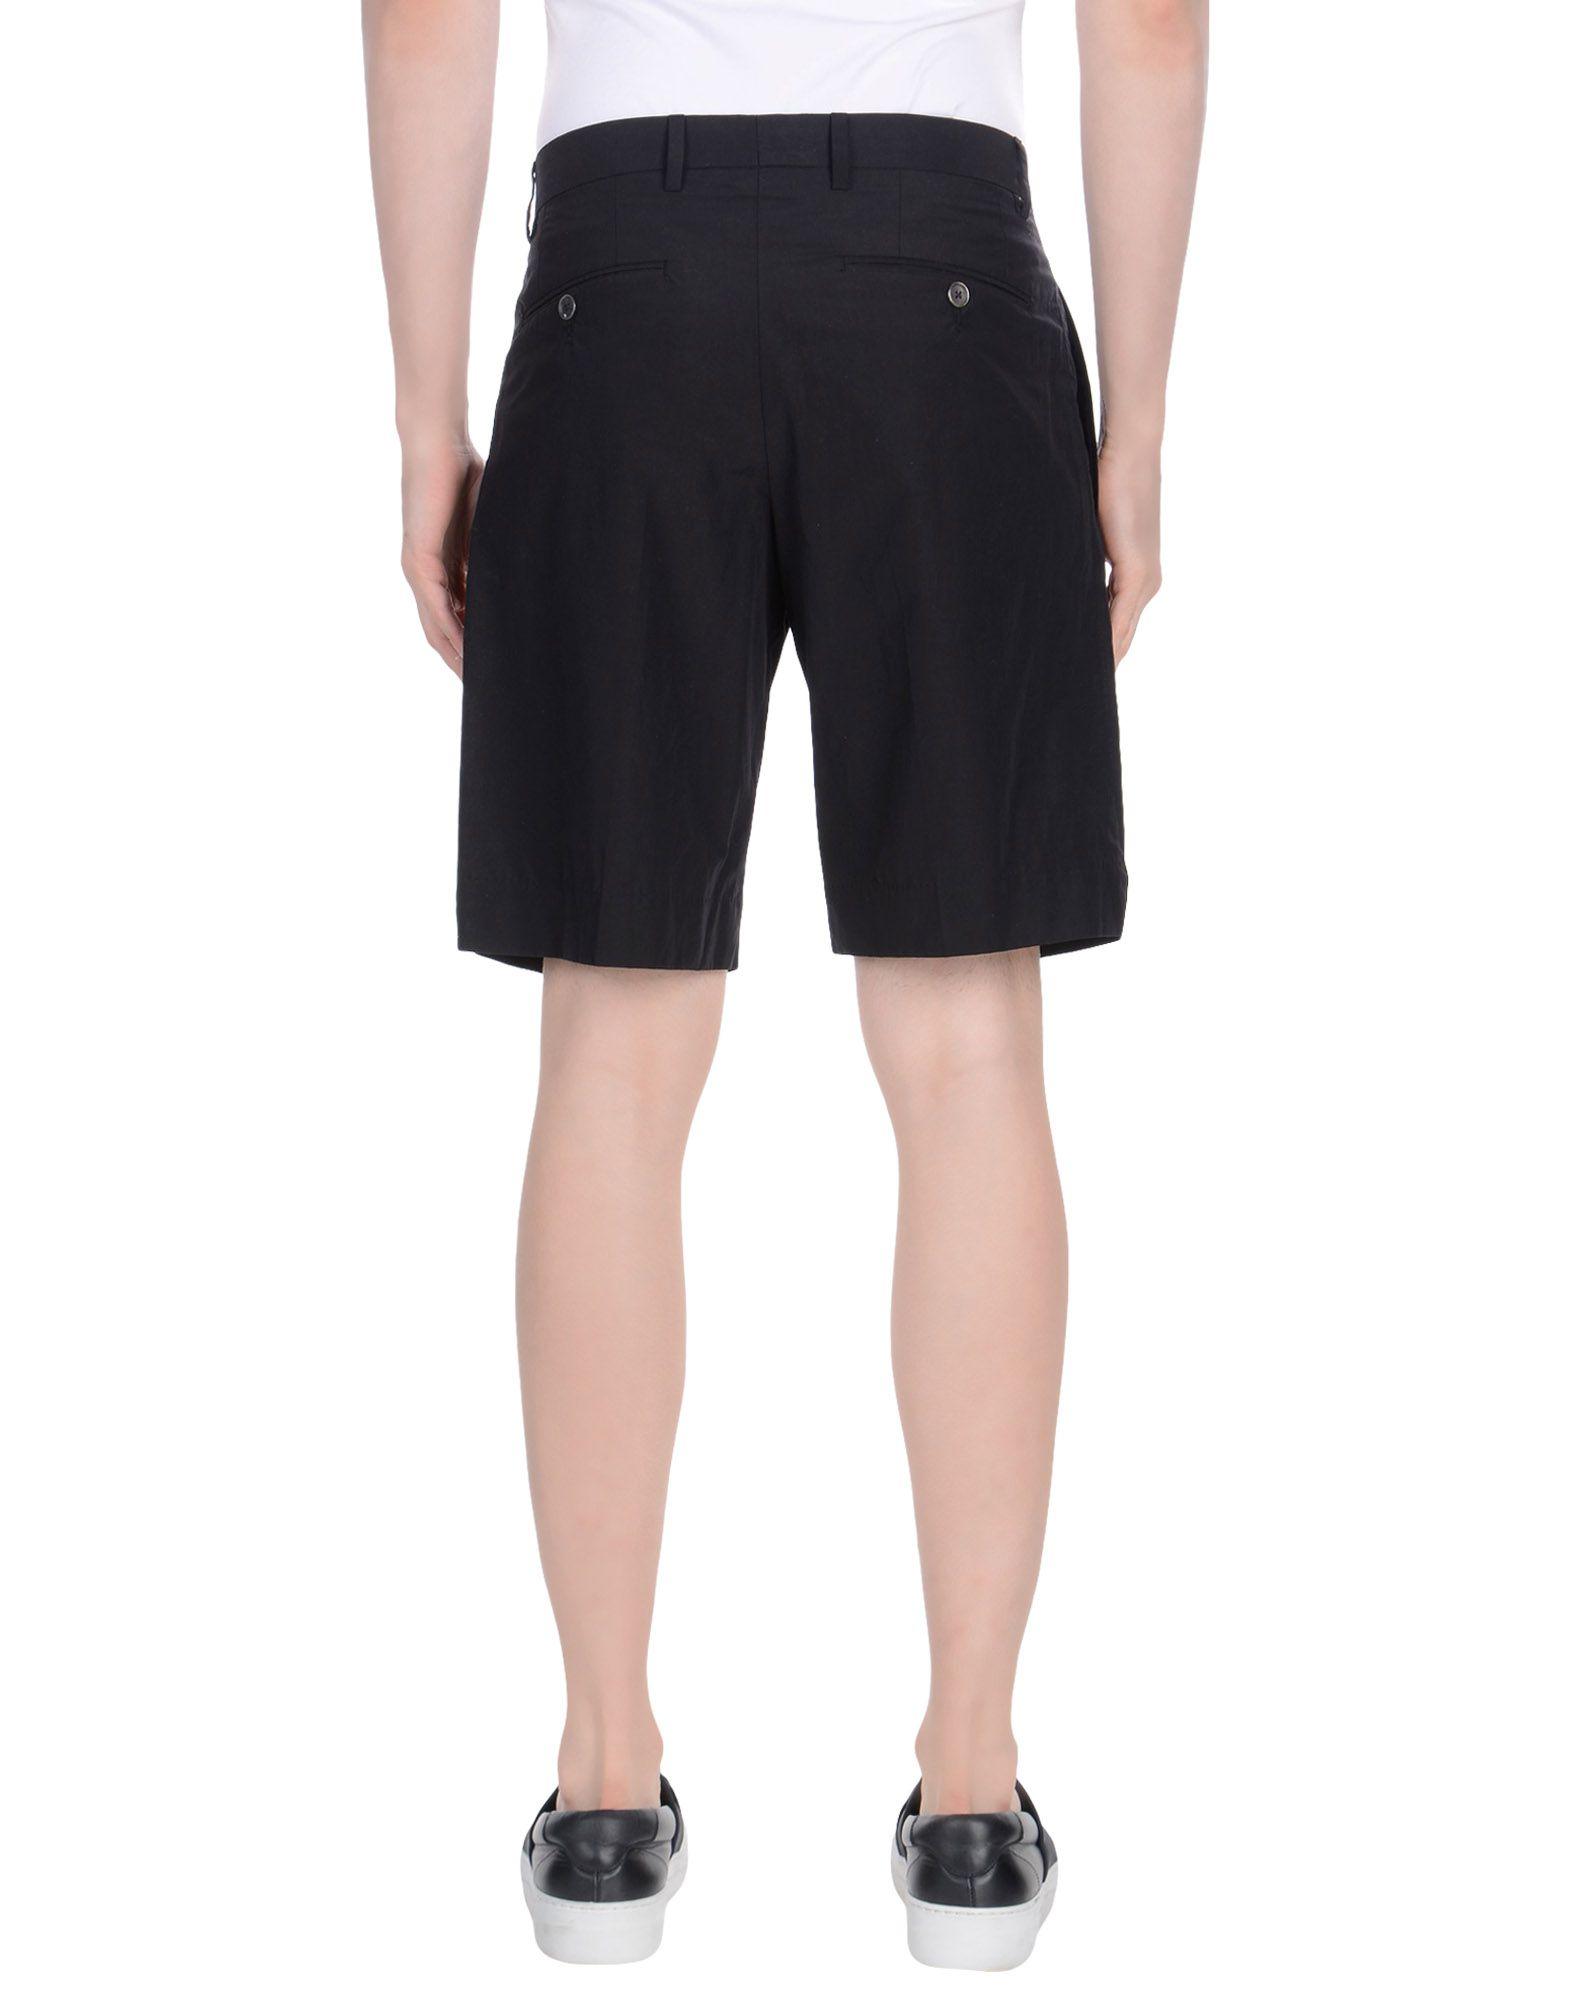 Shorts & Bermuda Dolce Dolce Dolce & Gabbana Uomo - 13175391HB 5aae00